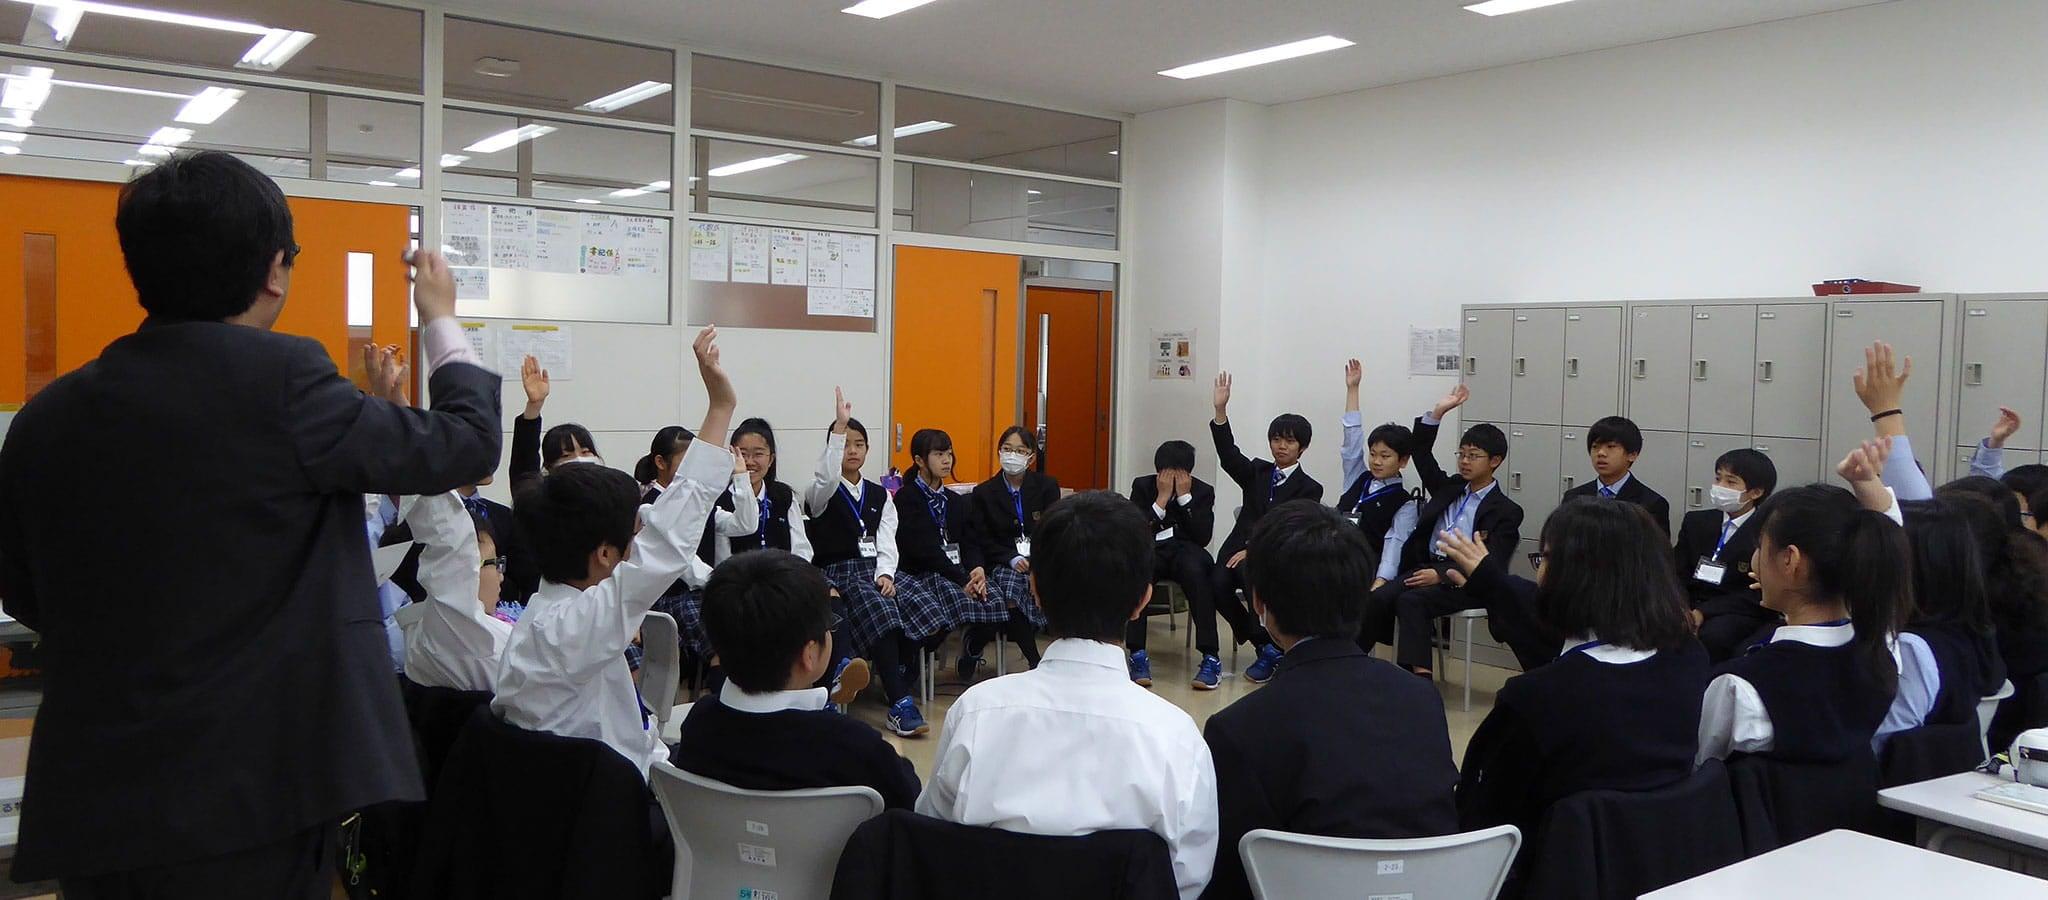 「哲学対話の授業」確かな手応えと悩ましい課題